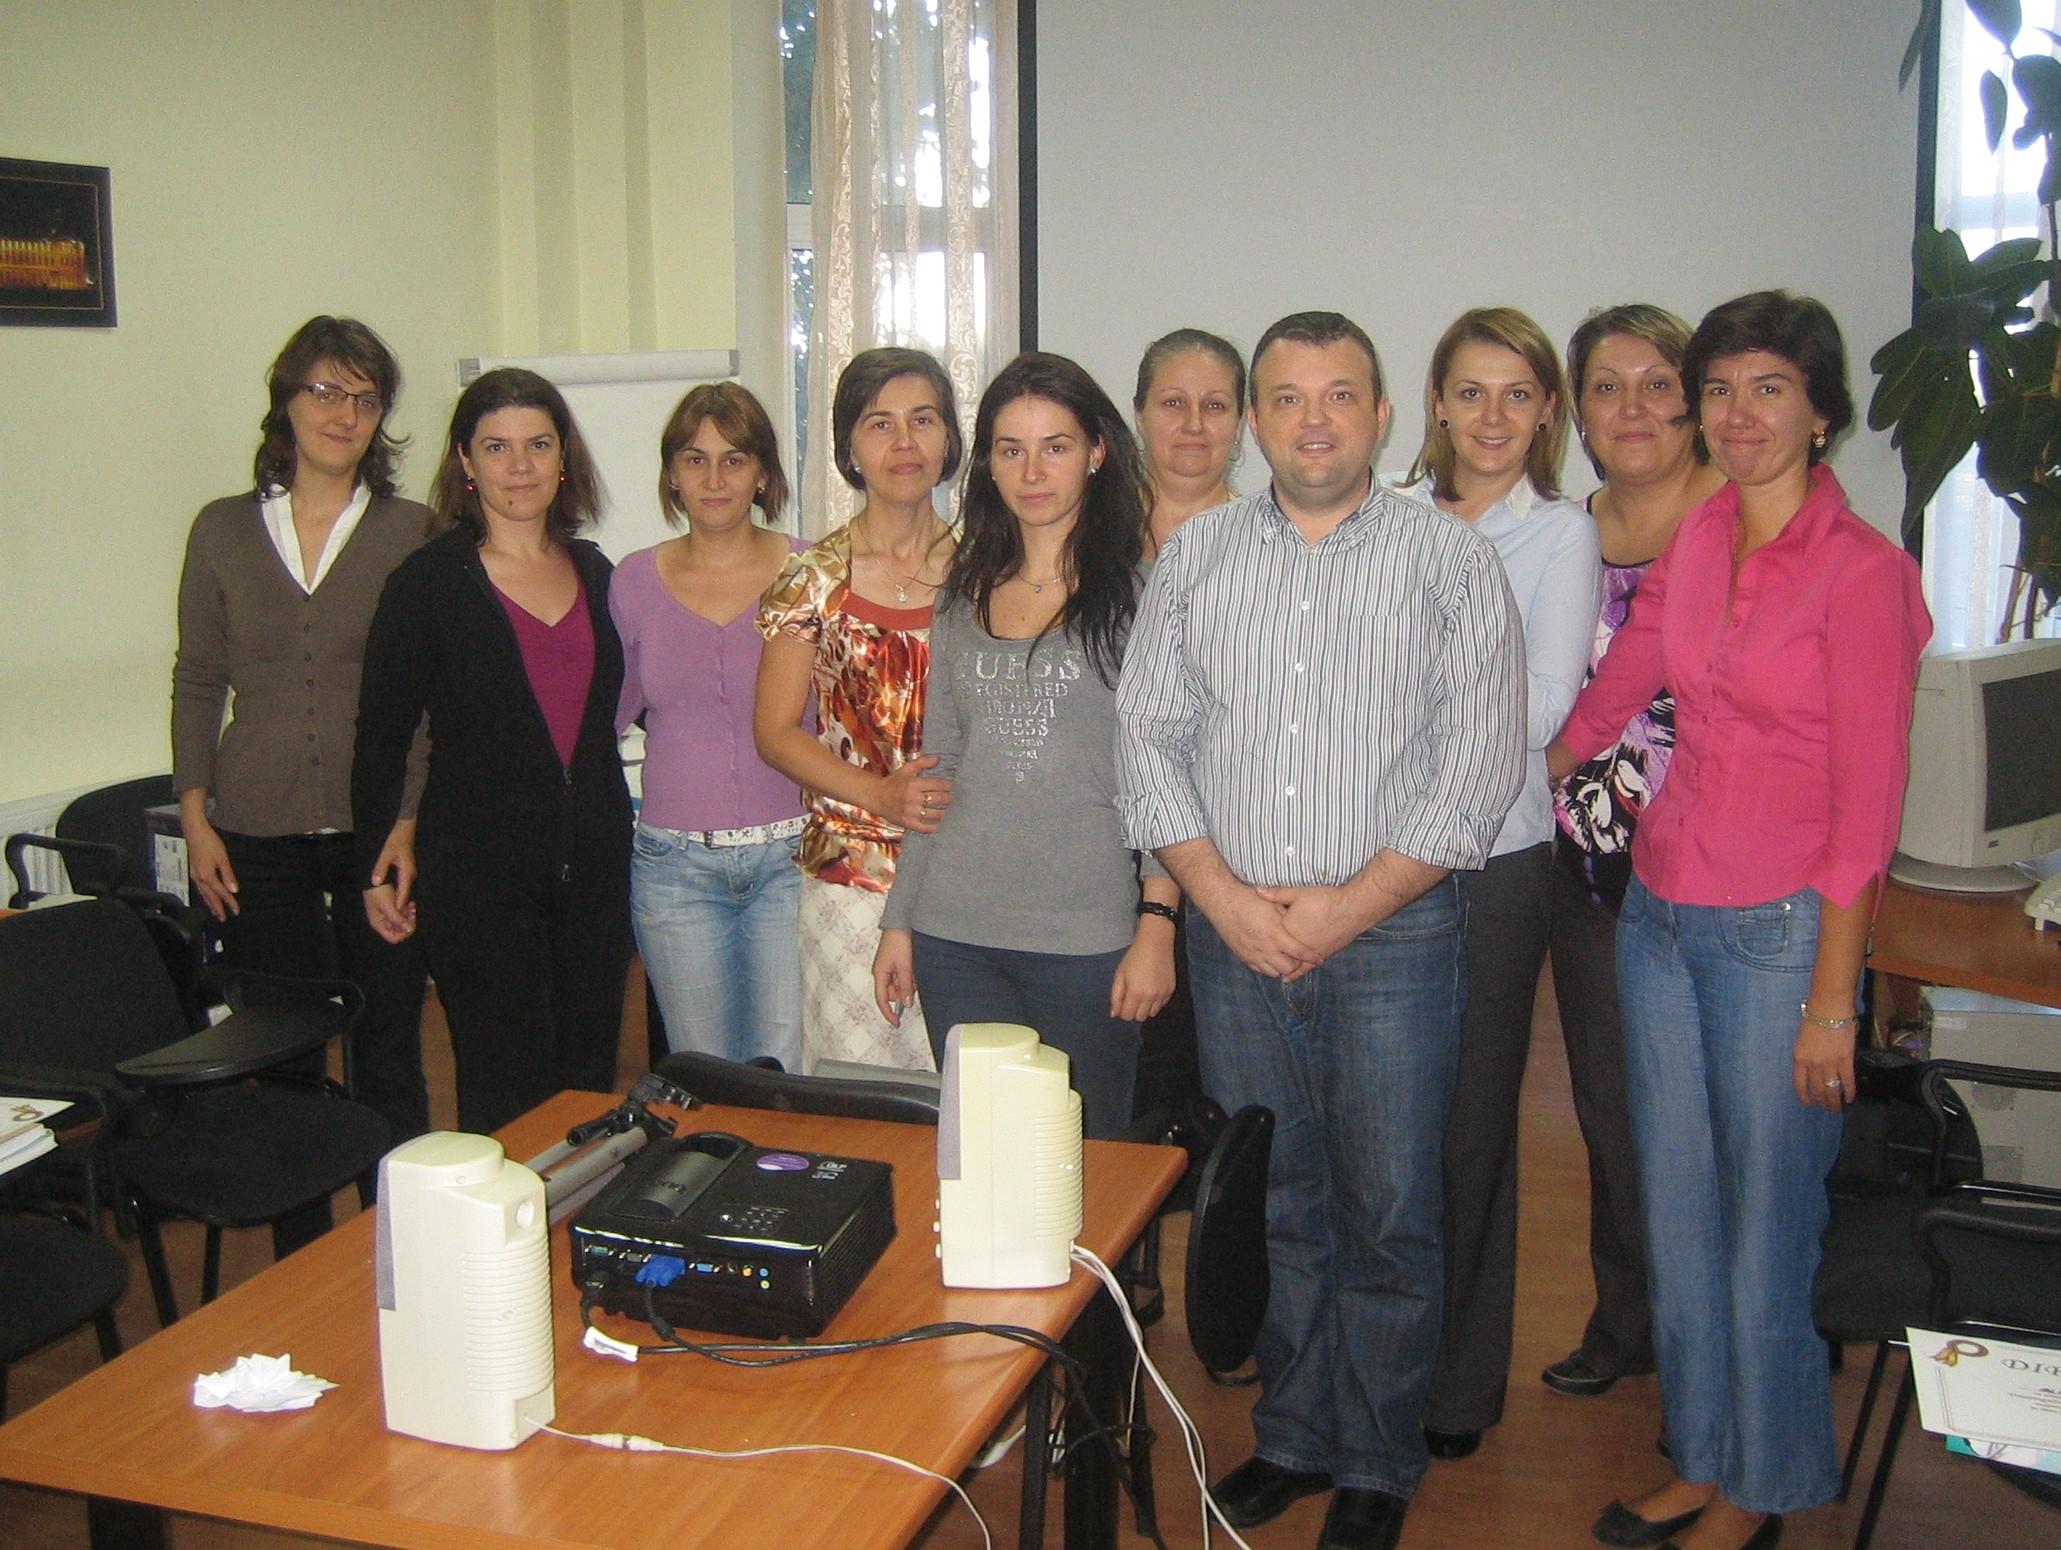 Impreuna cu echipa Salviafarm - Galati